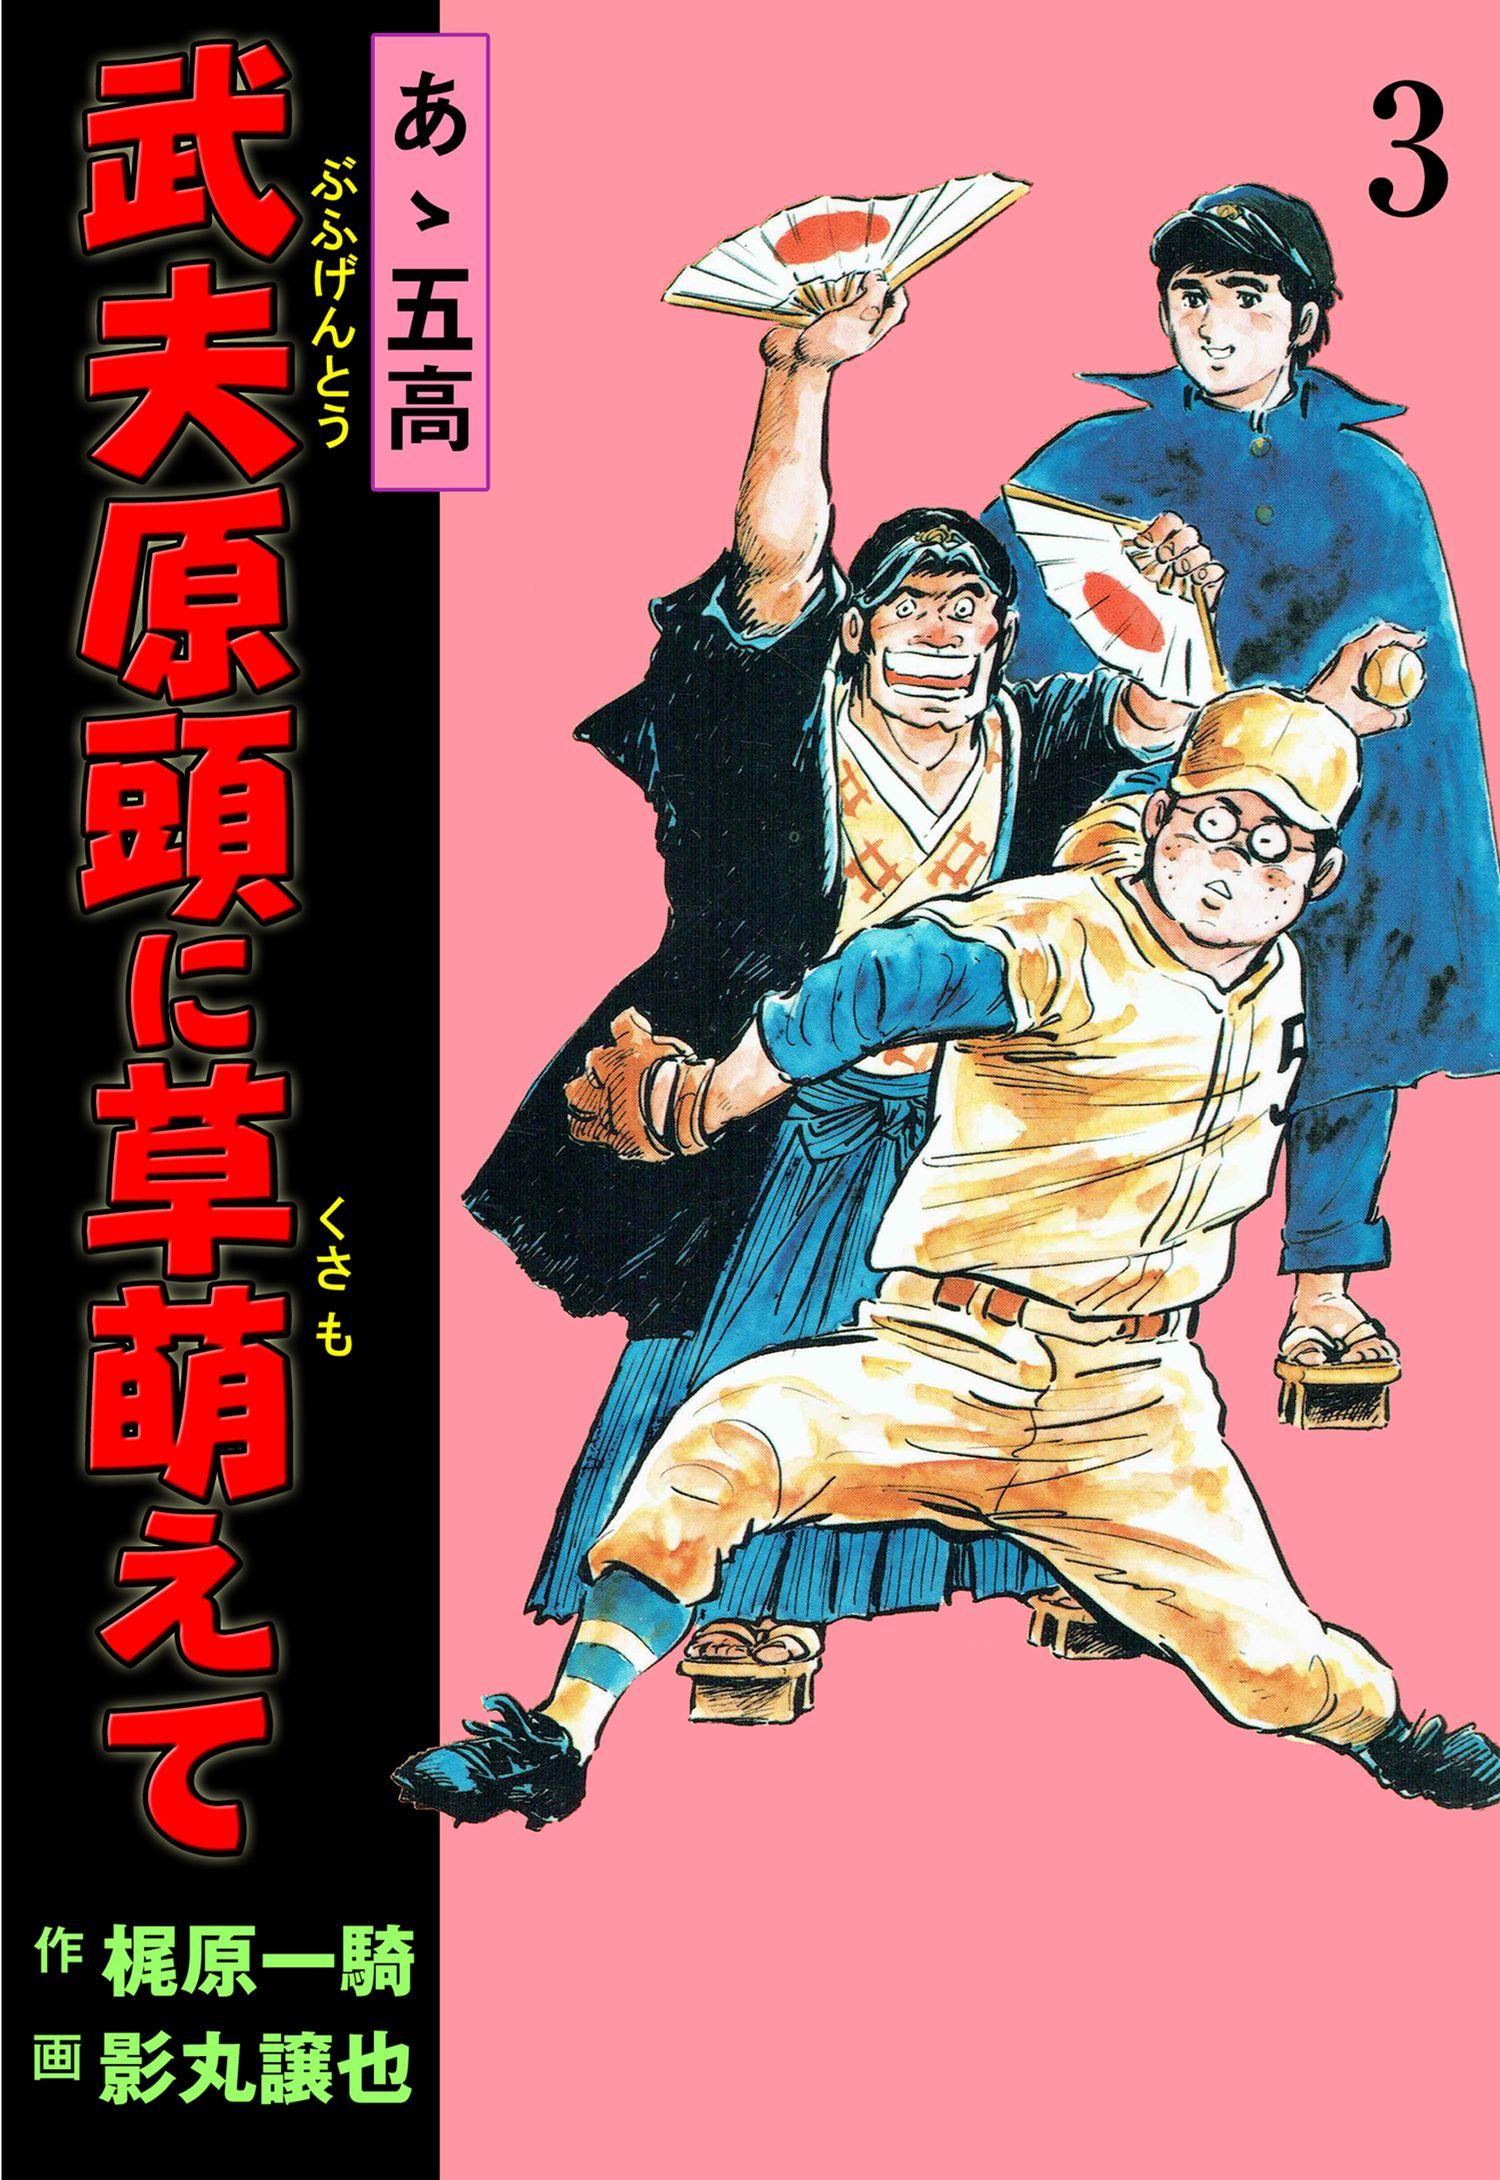 あゝ五高 武夫原頭に草萌えて(第3巻)